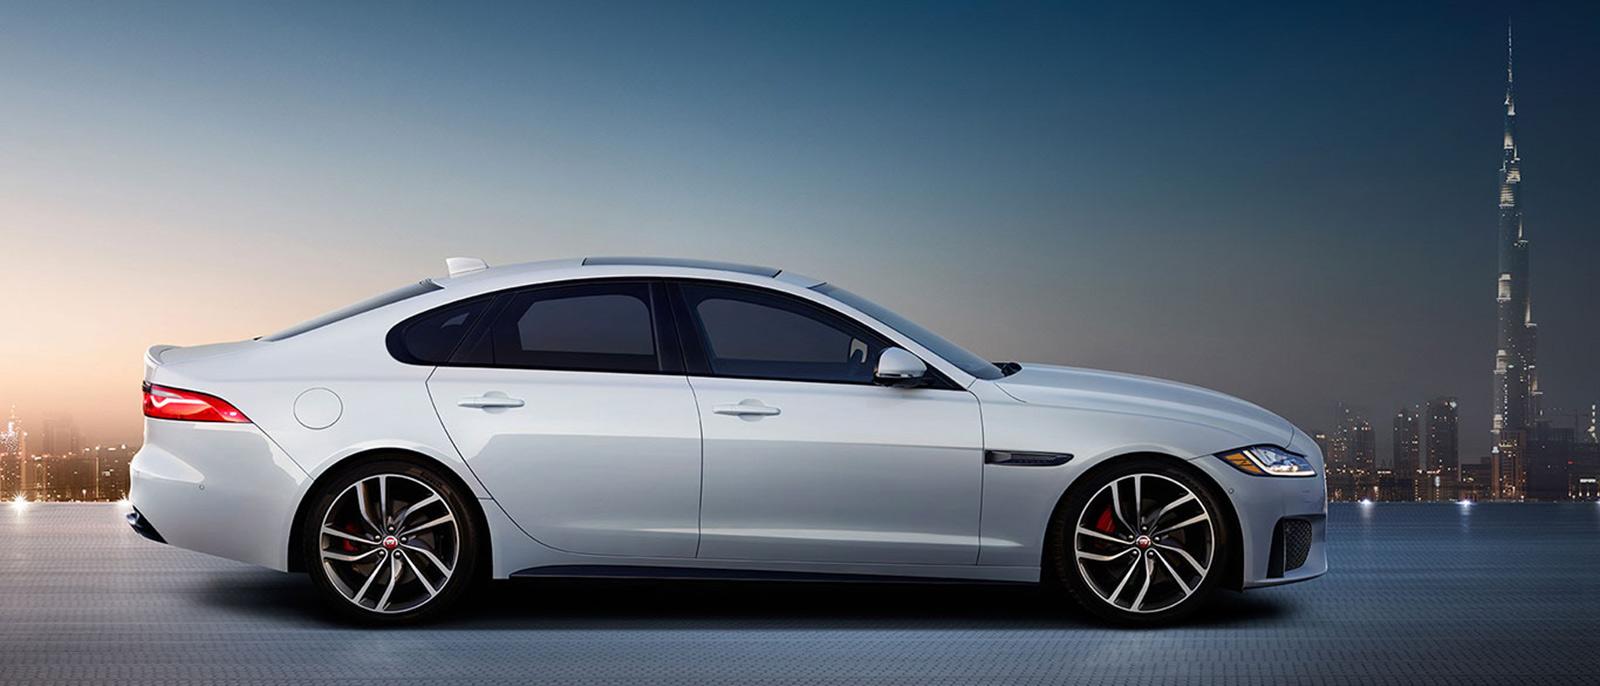 Jaguar XF Profile